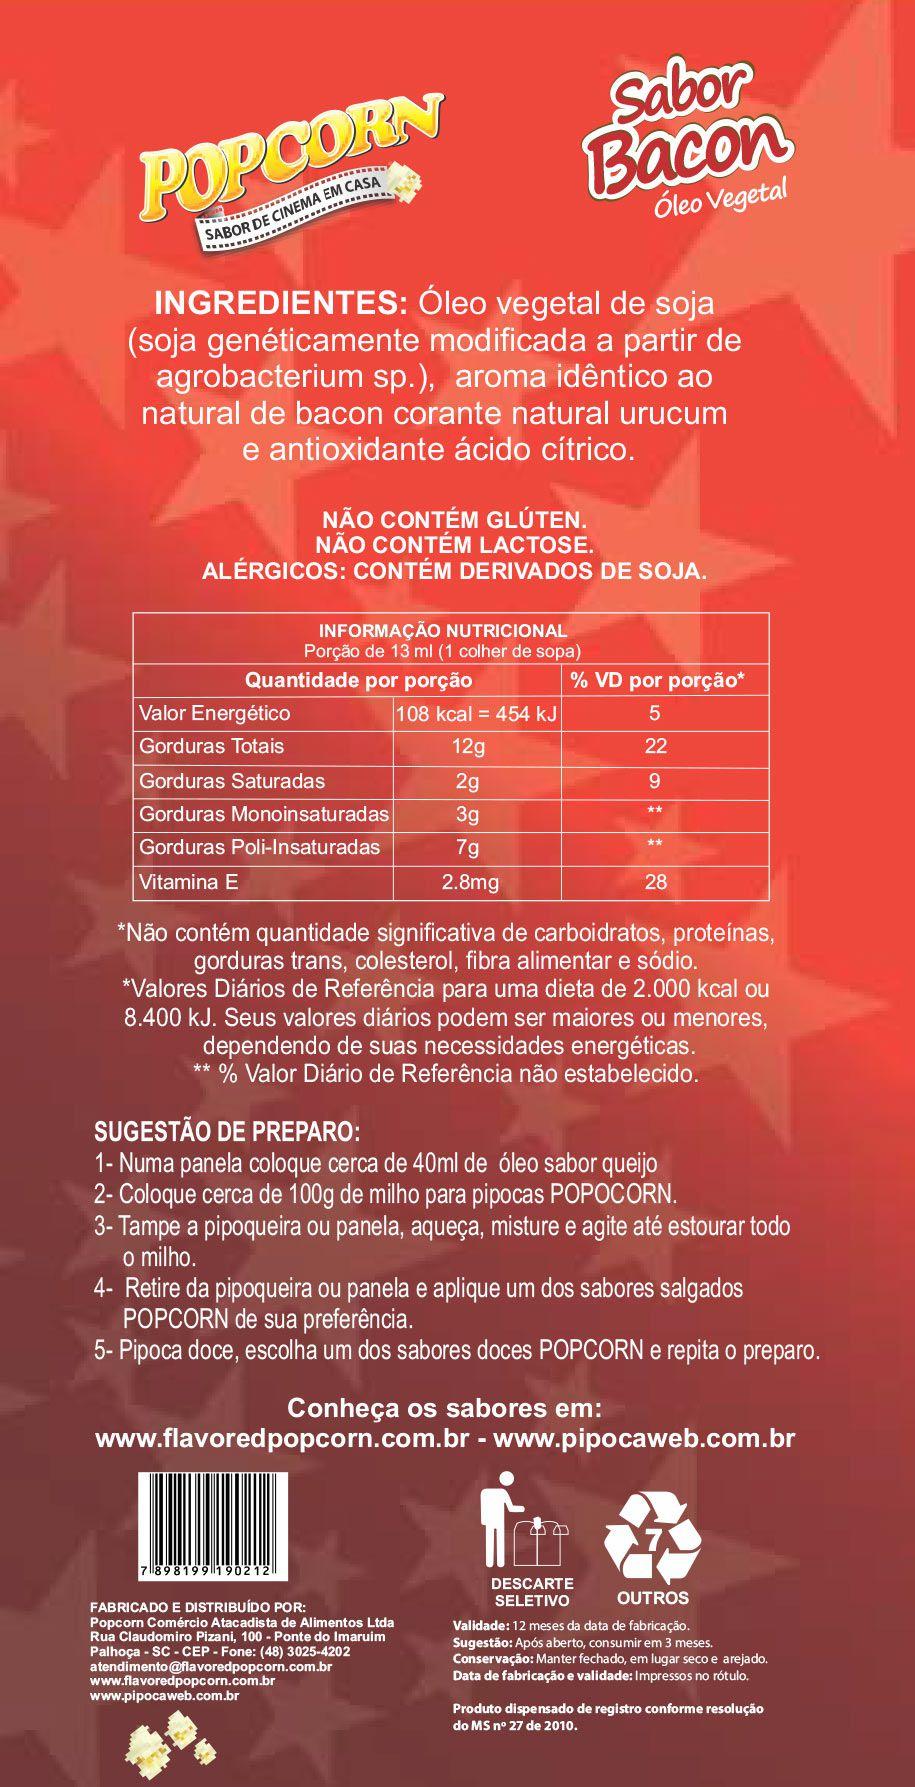 BACON DE CINEMA - ÓLEO VEGETAL SABOR BACON - 200ml